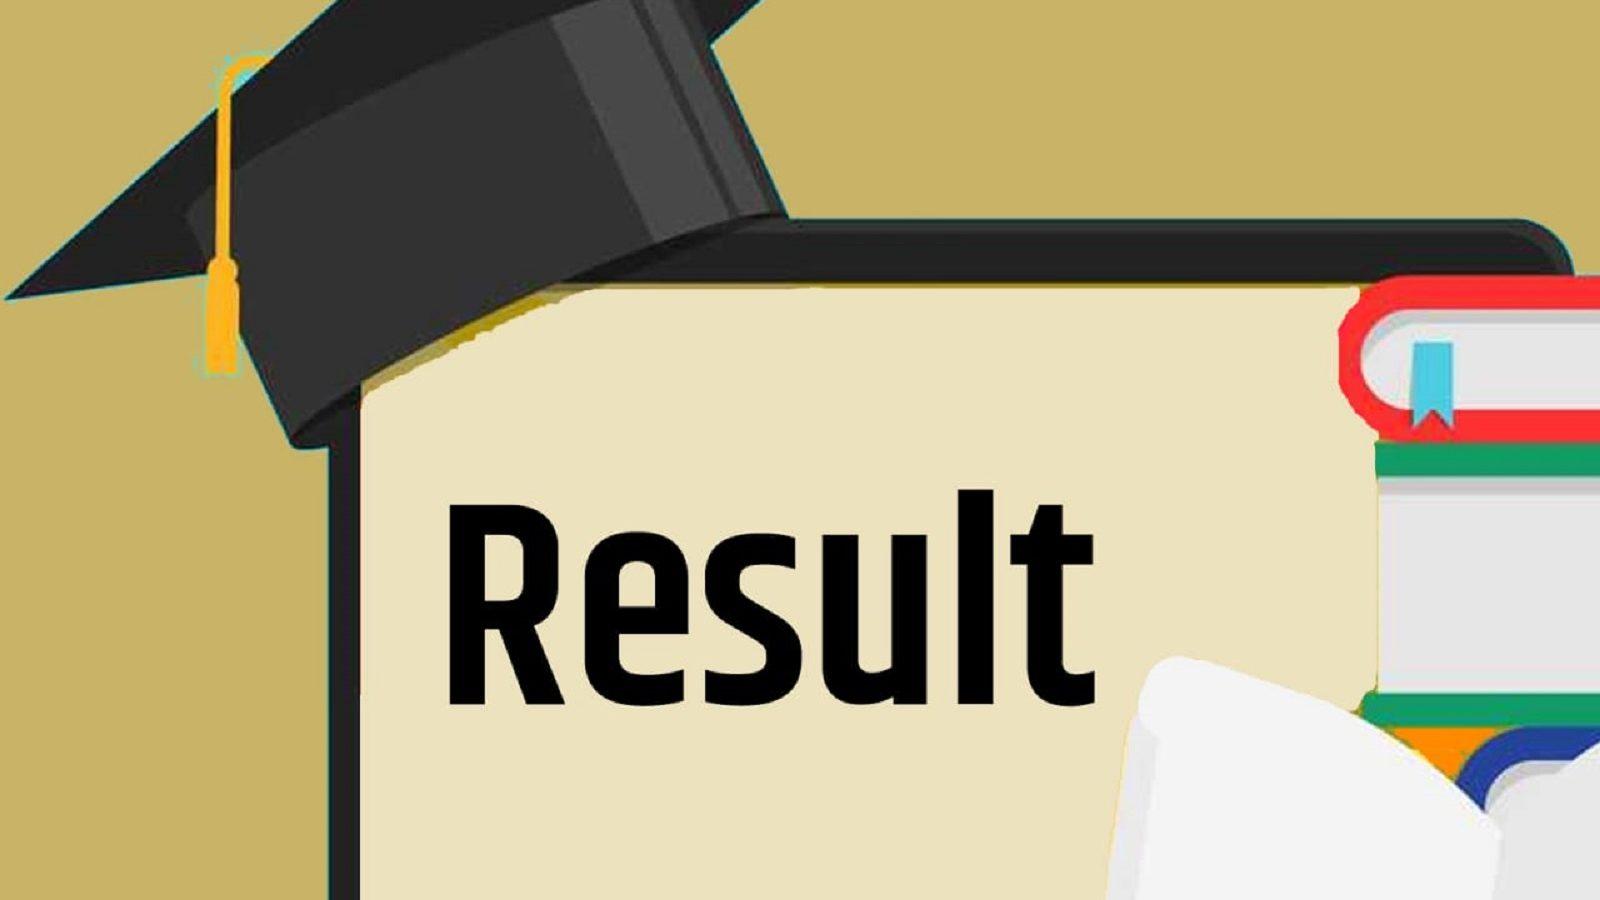 TET Result 2021: टीईटी का रिजल्ट घोषित, इस डायरेक्ट लिंक से करें चेक